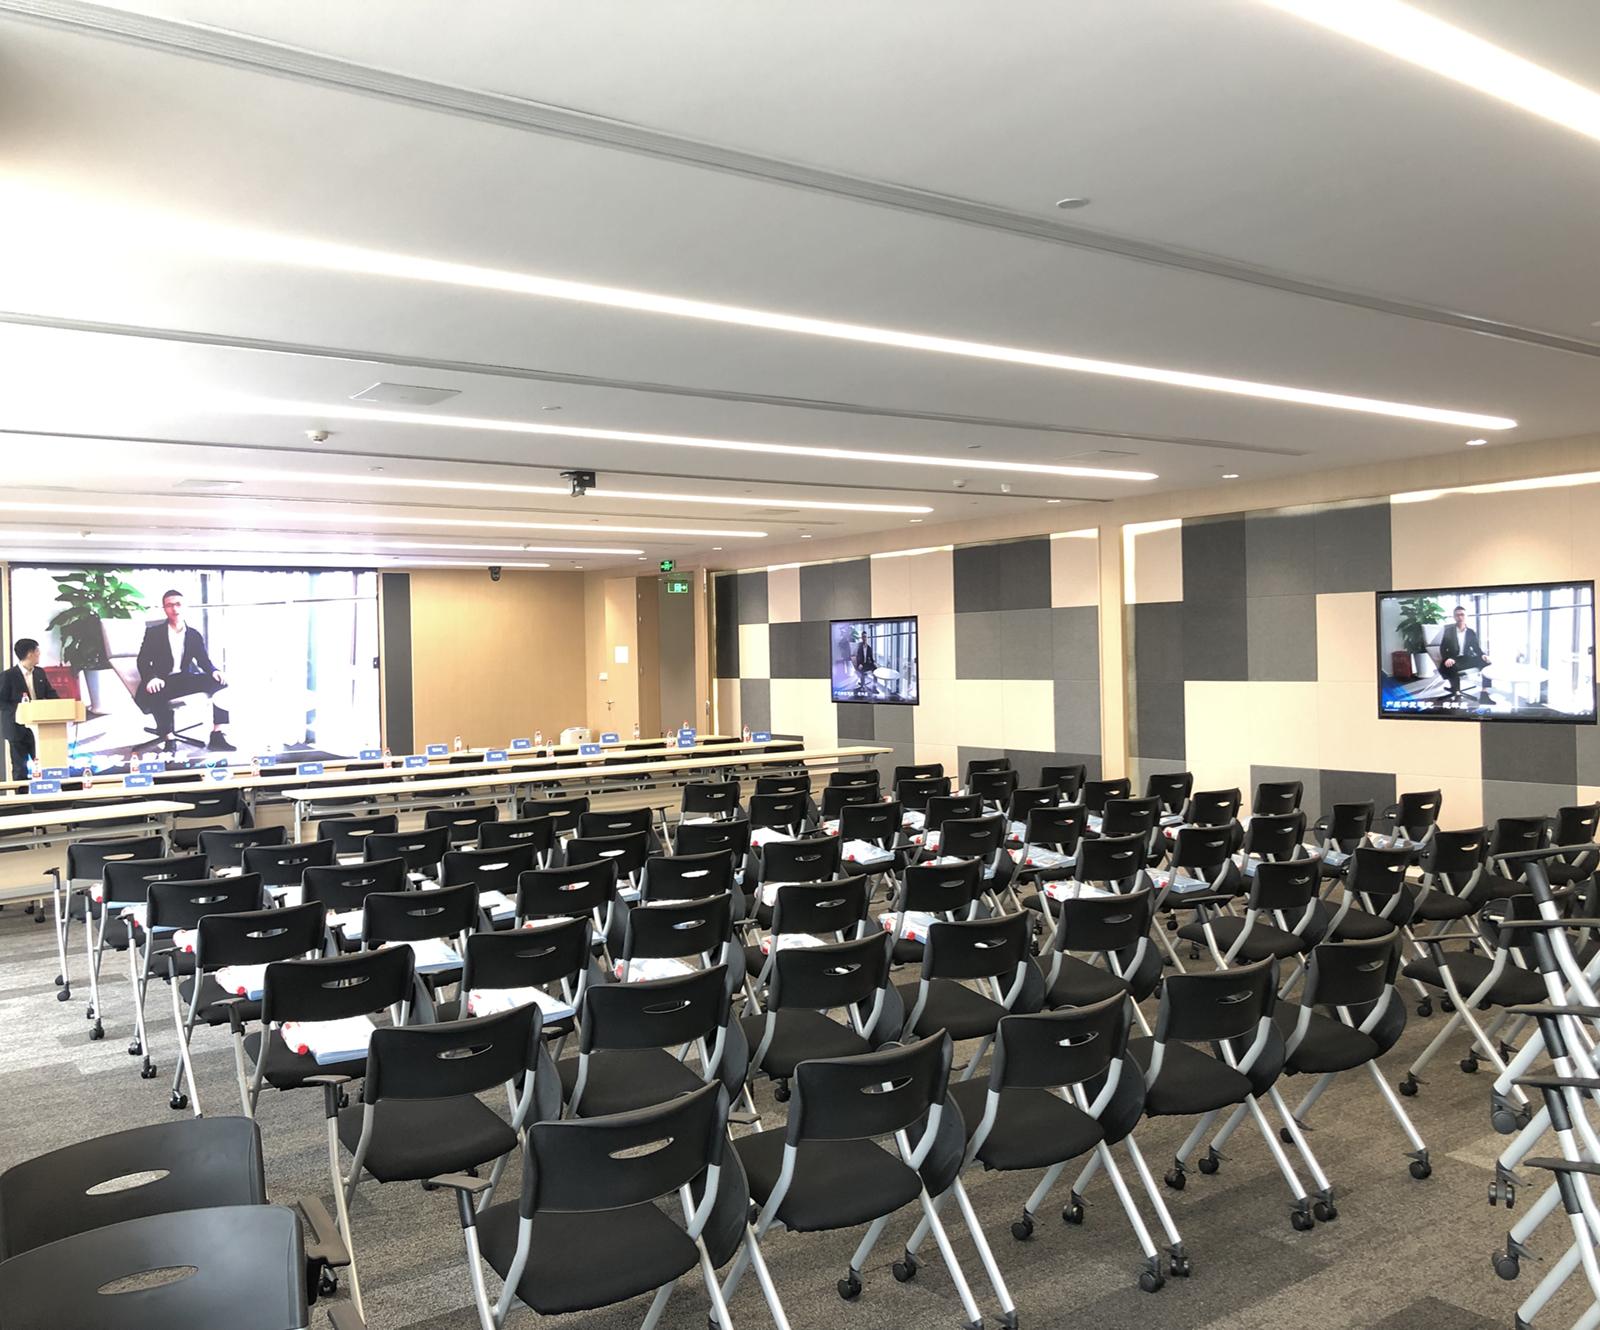 太平金融大厦采用睿观博高清混合矩阵和网传